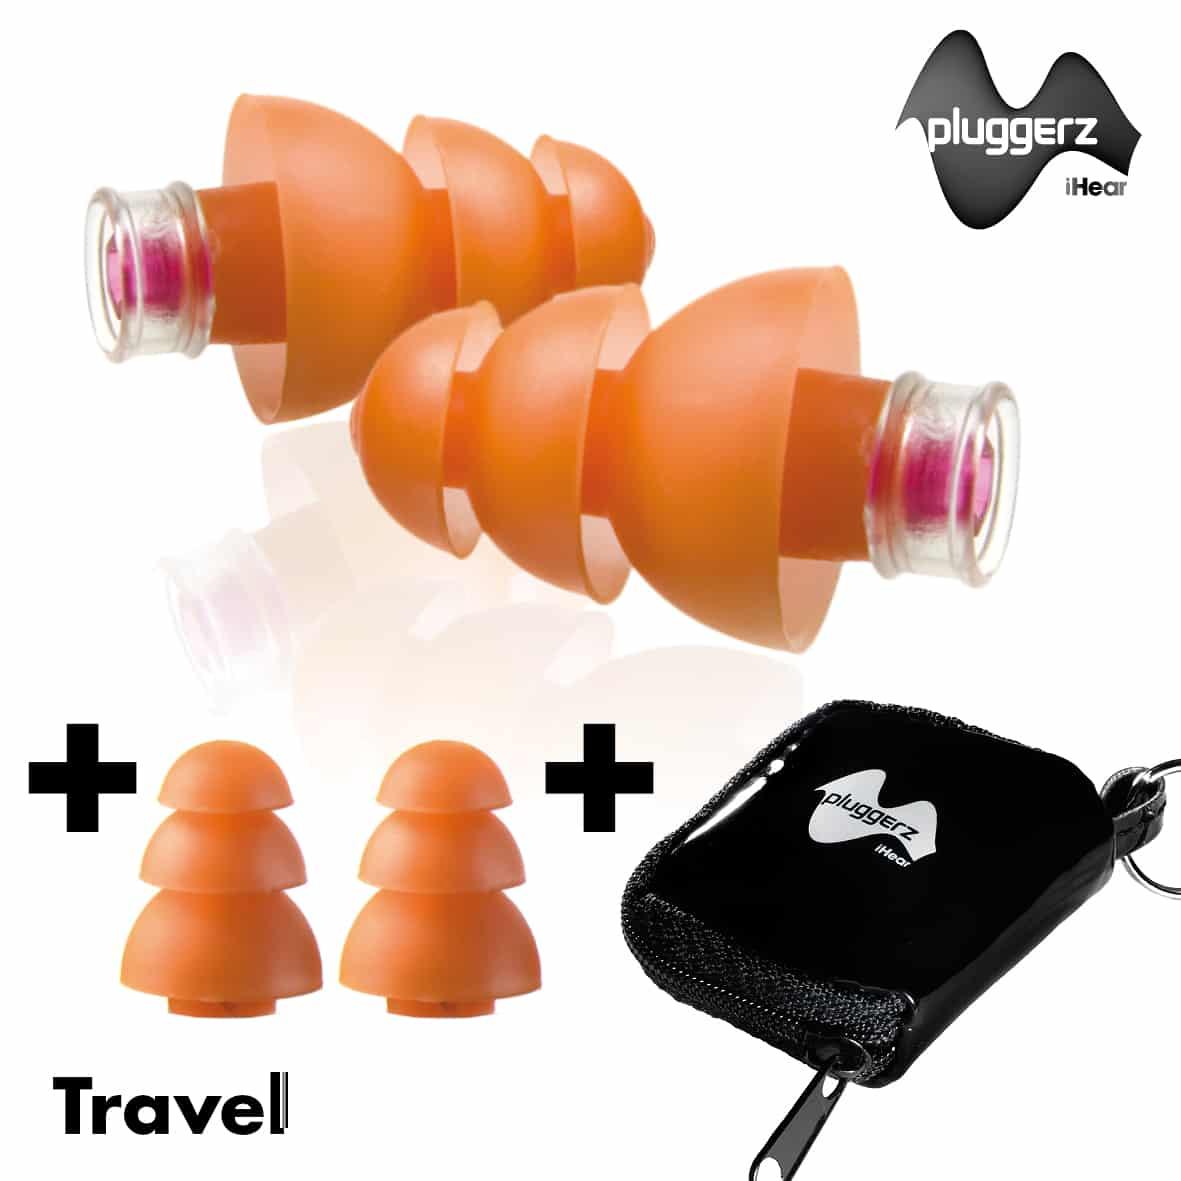 gehoorbescherming voor op reis